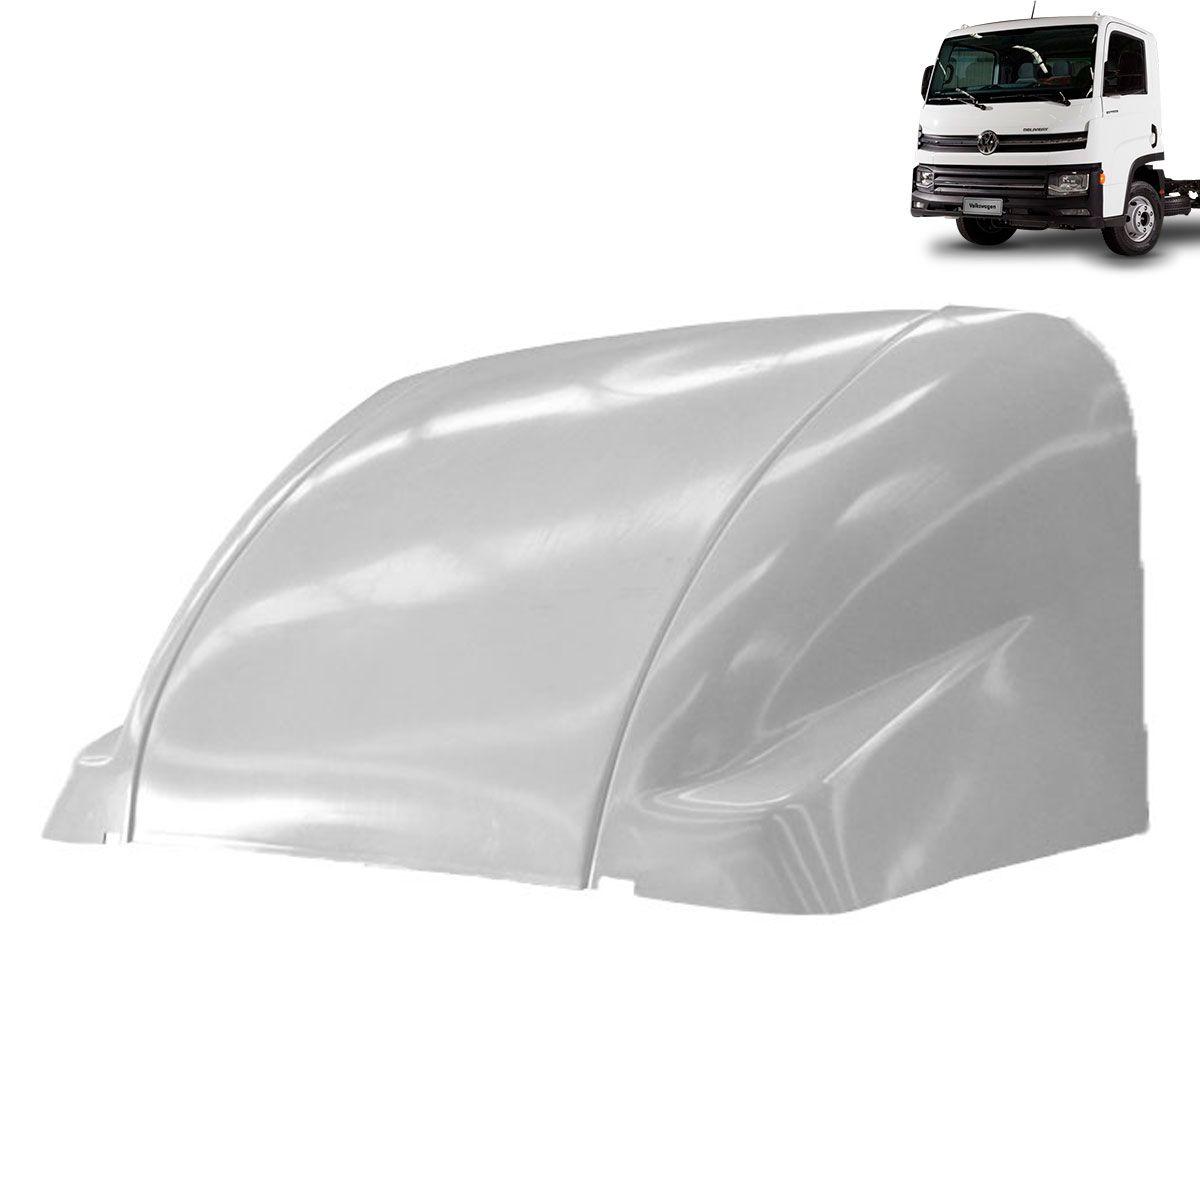 Defletor De Ar para Caminhão Vw Delivery 2018 Parcial